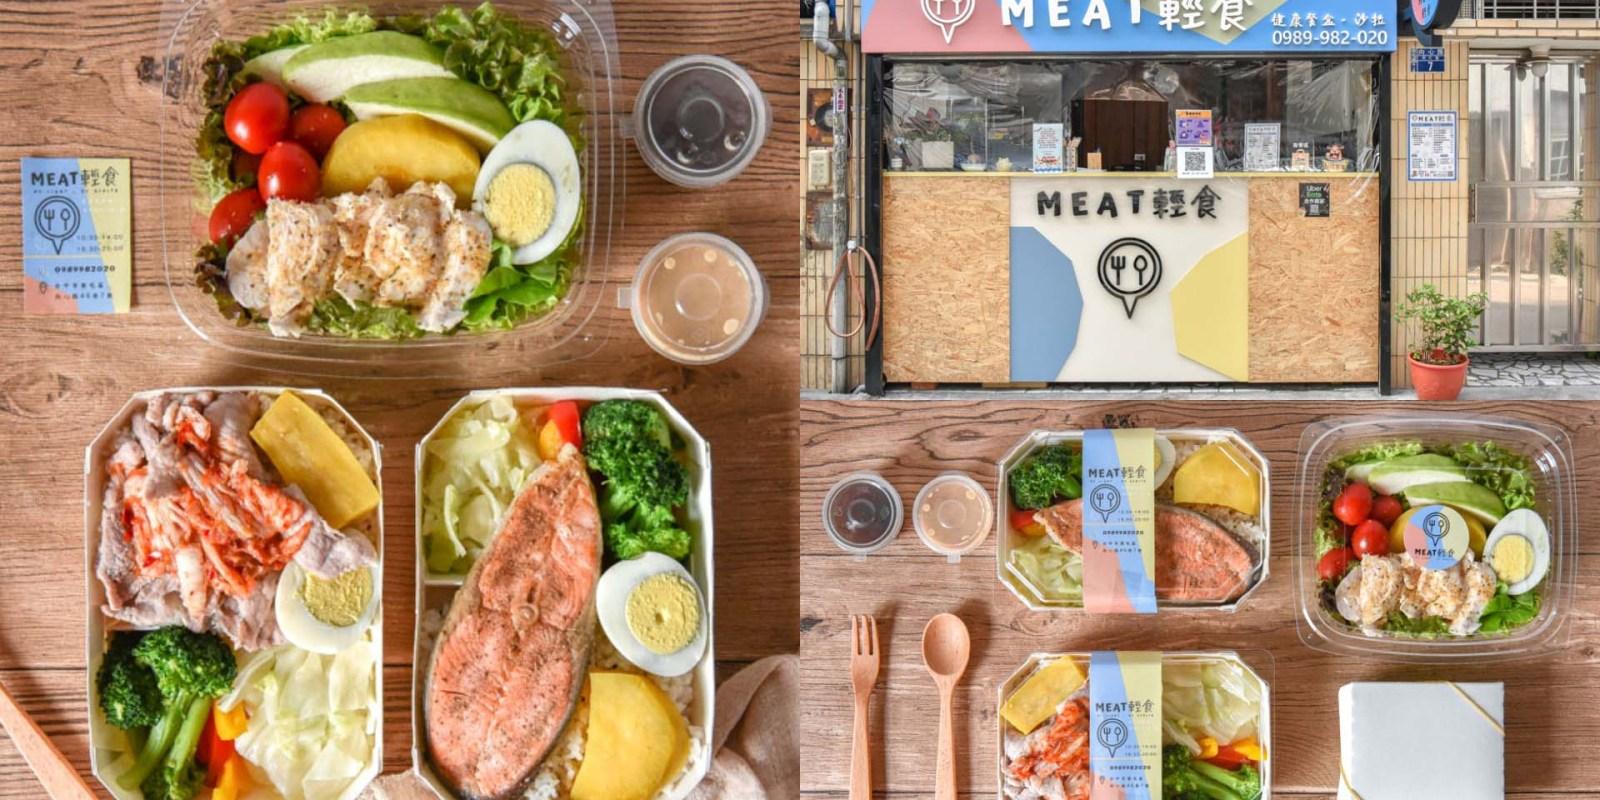 Meat 輕食:台中南屯區美食-健康便當推薦!低卡無負擔的美味便當,健身減肥必吃的輕食料理,可外送!